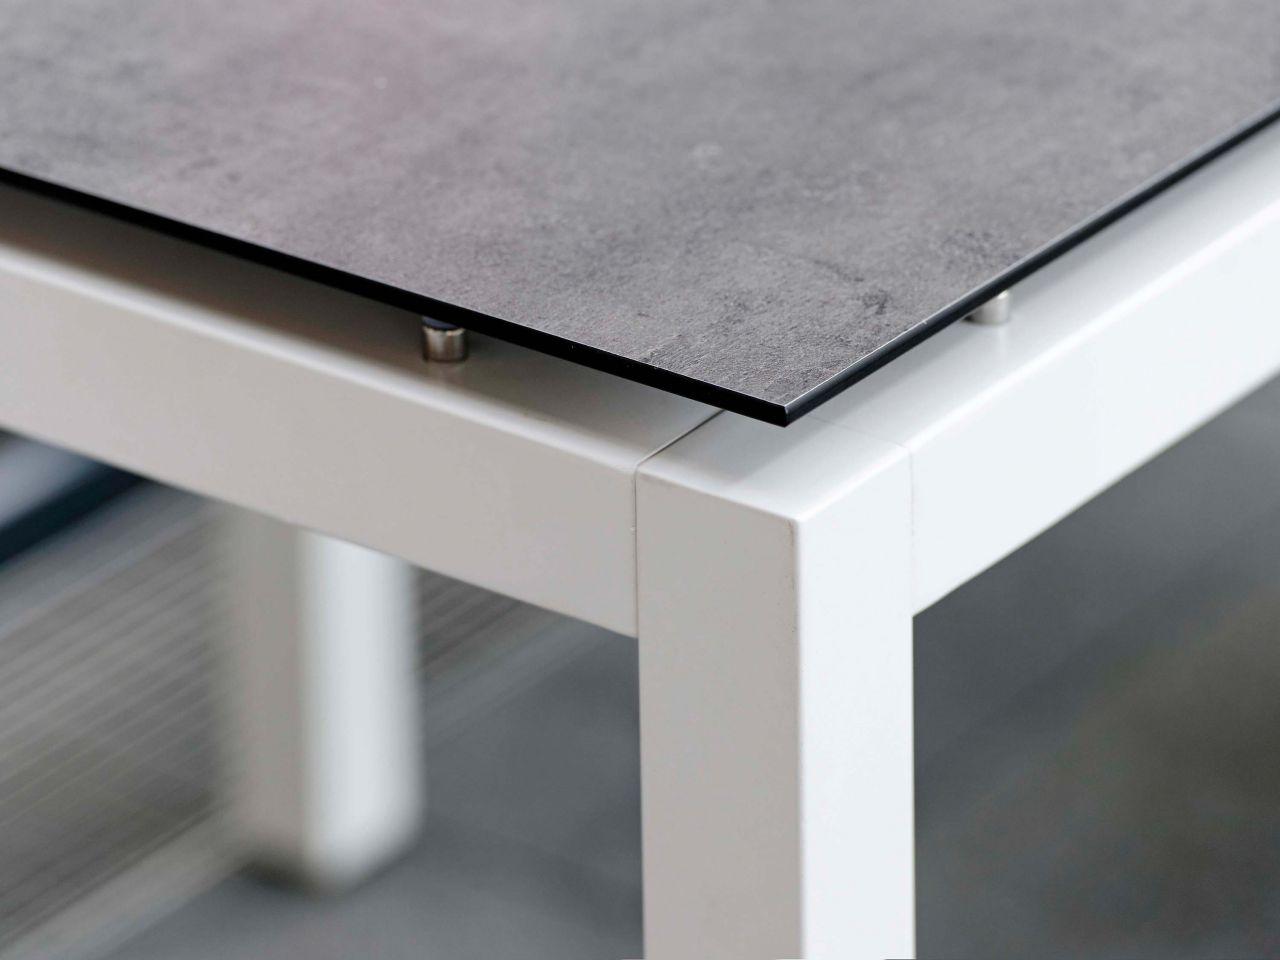 Detailbild Tischplatten-Dekor Zement